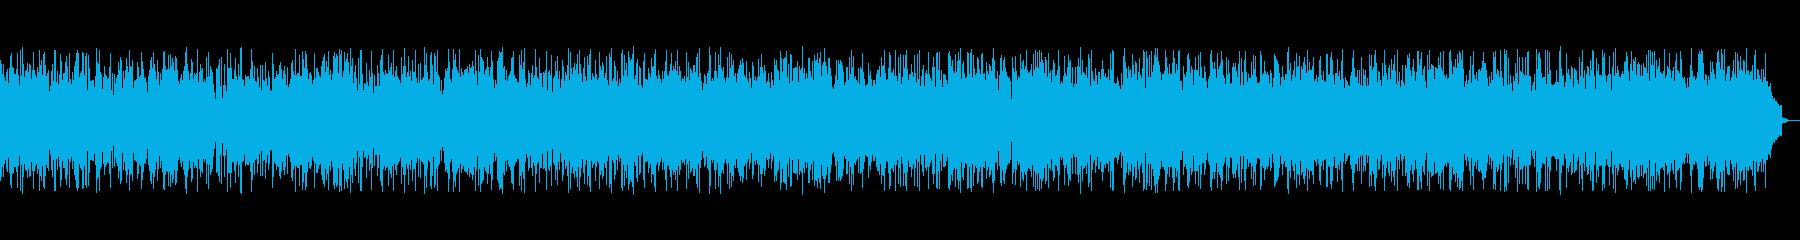 ケルティックフィドル[華やかジャズ]5分の再生済みの波形